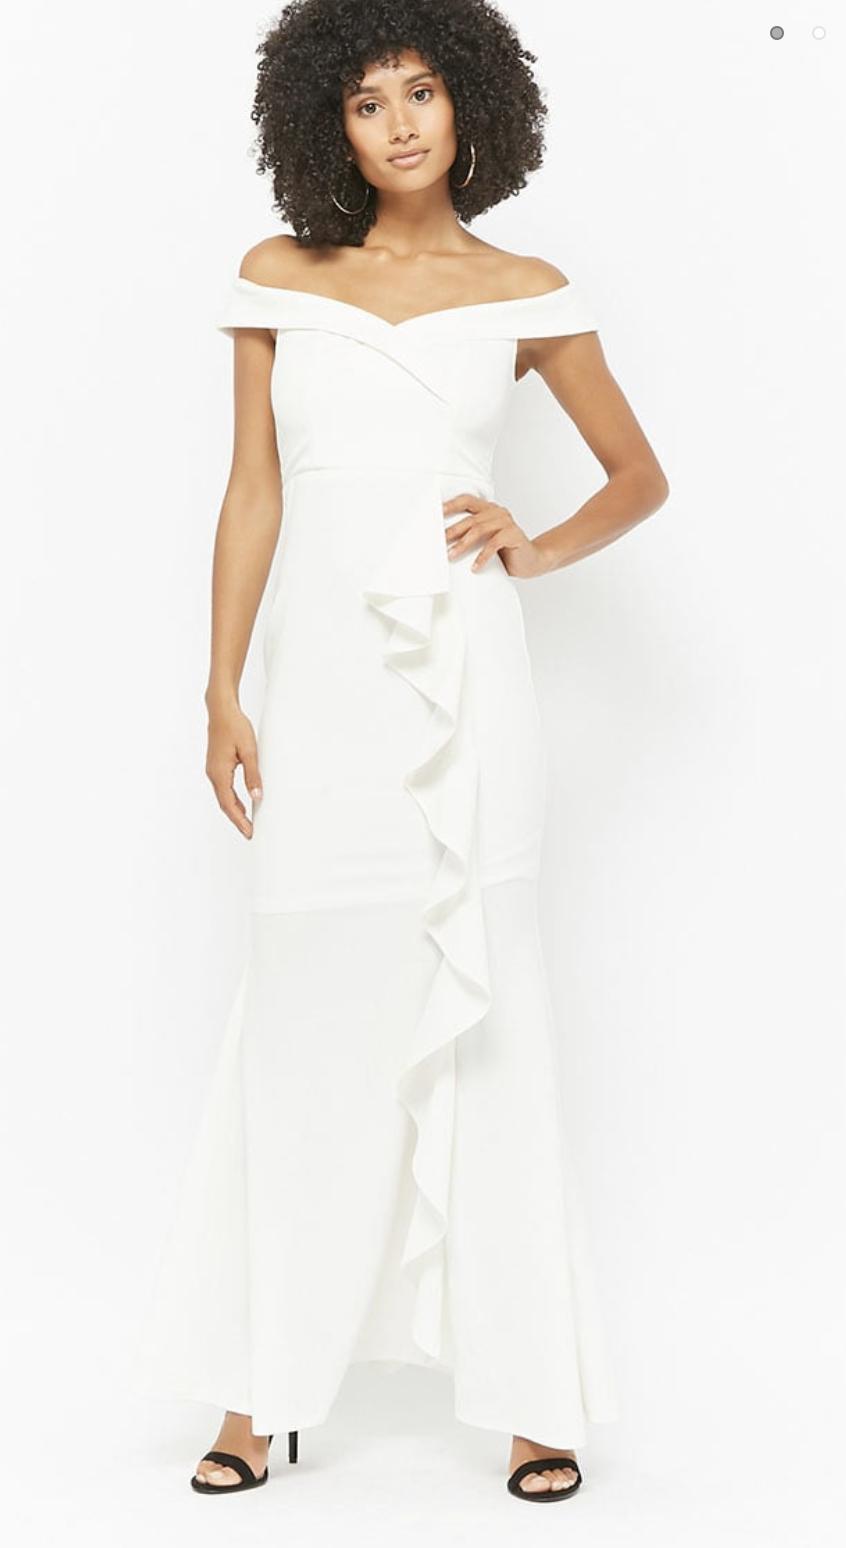 Forever 21 Affordable Wedding Dress